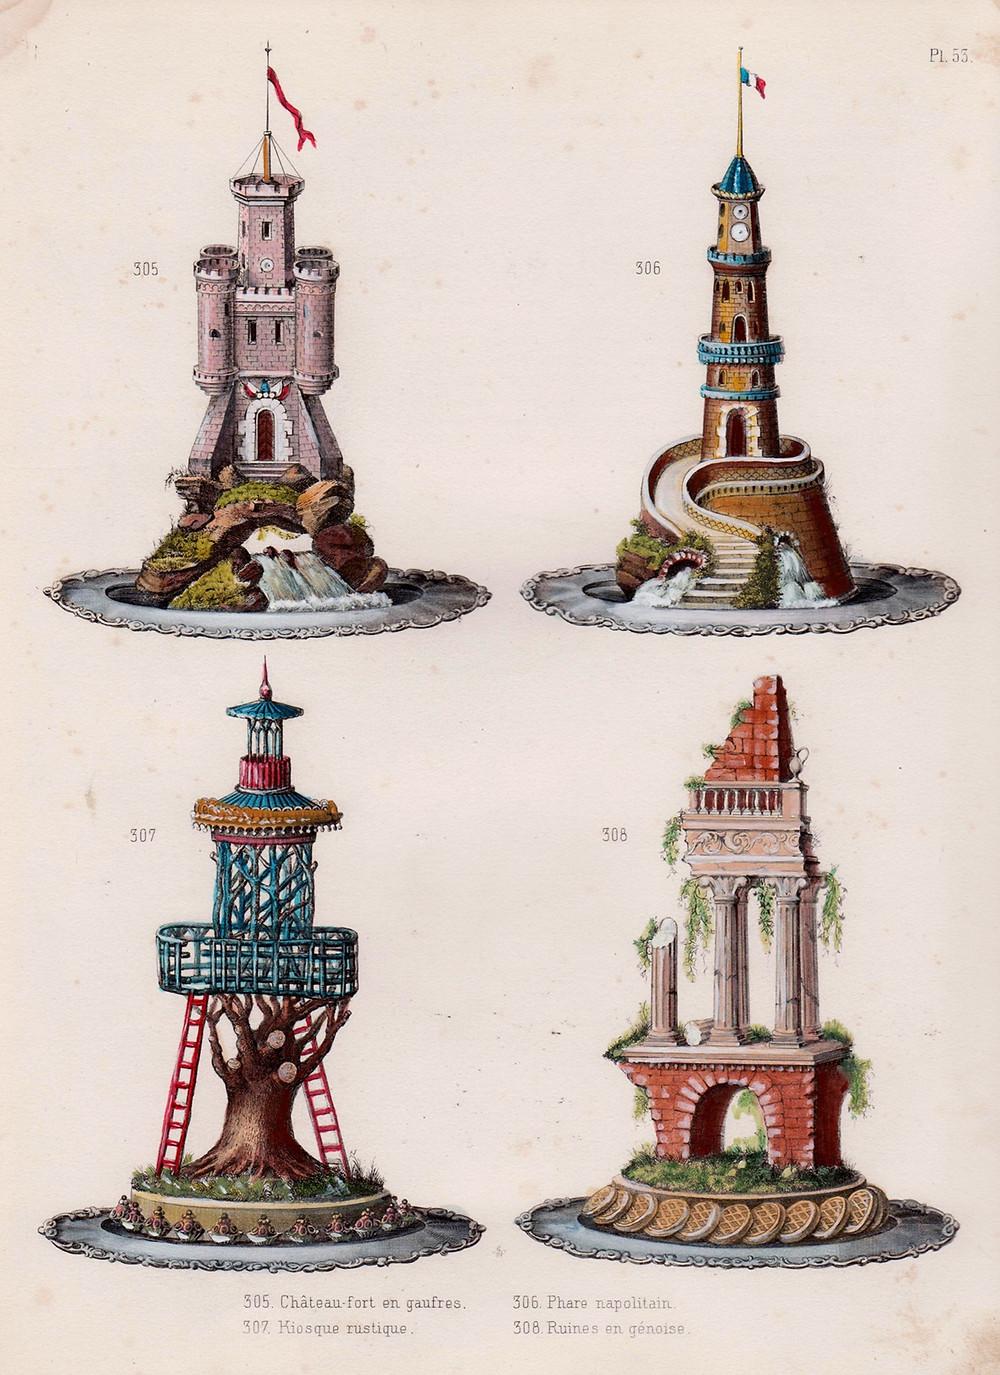 Ilustrações de bolos do livro Cuisine Artistique de Urbain Dubois, 1872.